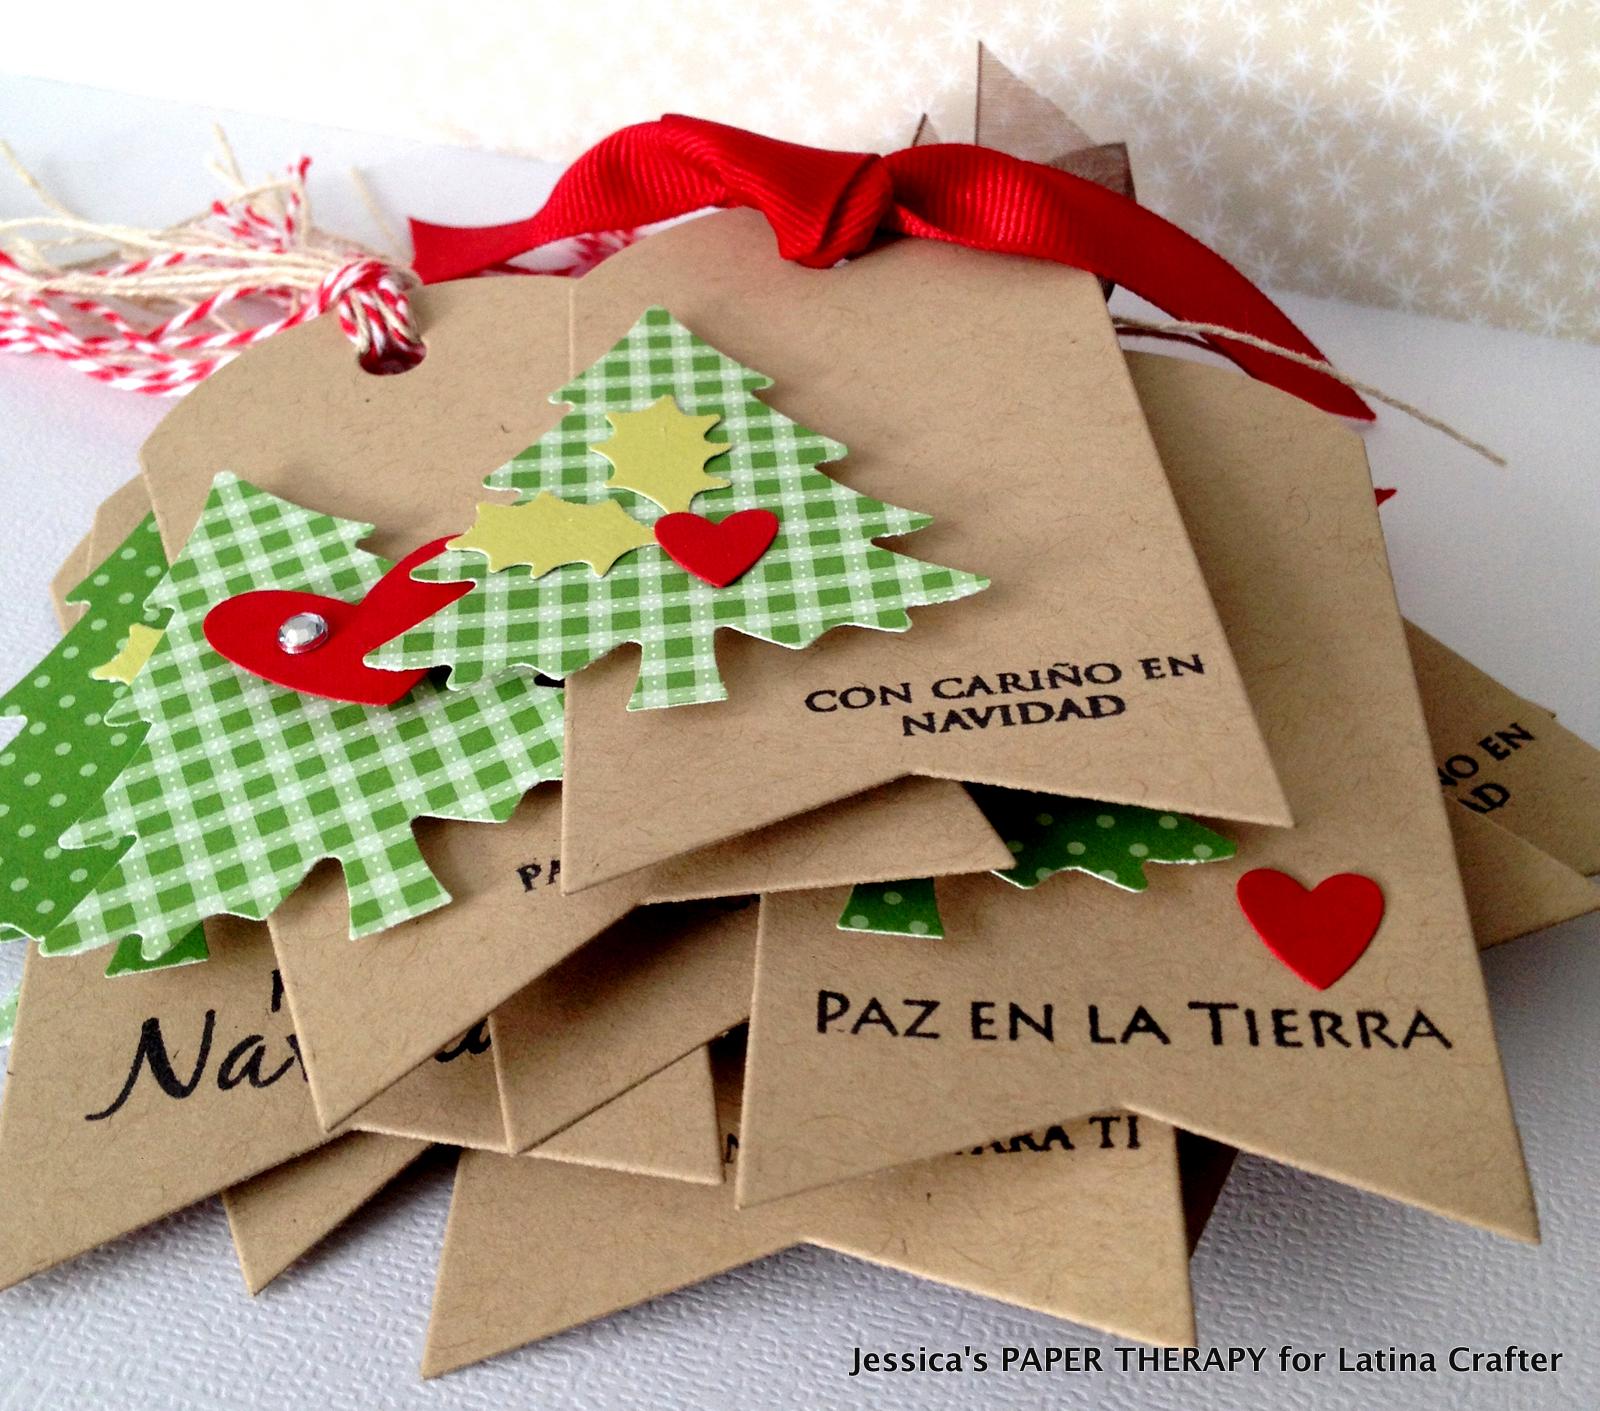 Latina crafter sellos en espa ol etiquetas para navidad for Detalles para navidad